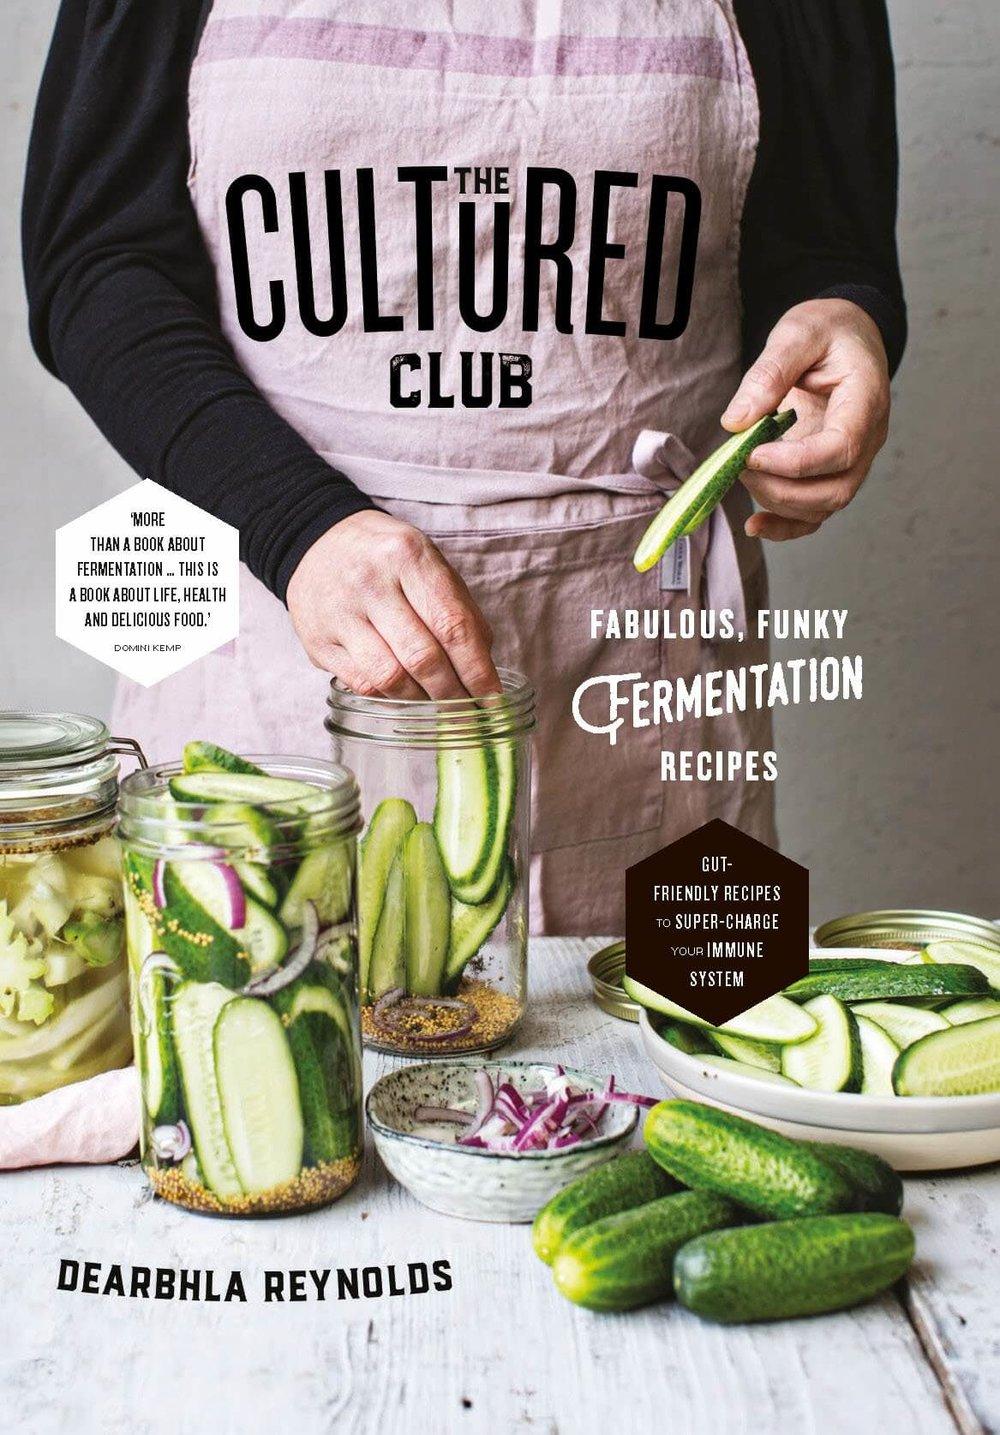 The-Cultured-Club-by-Dearbhla-Reynolds.jpg